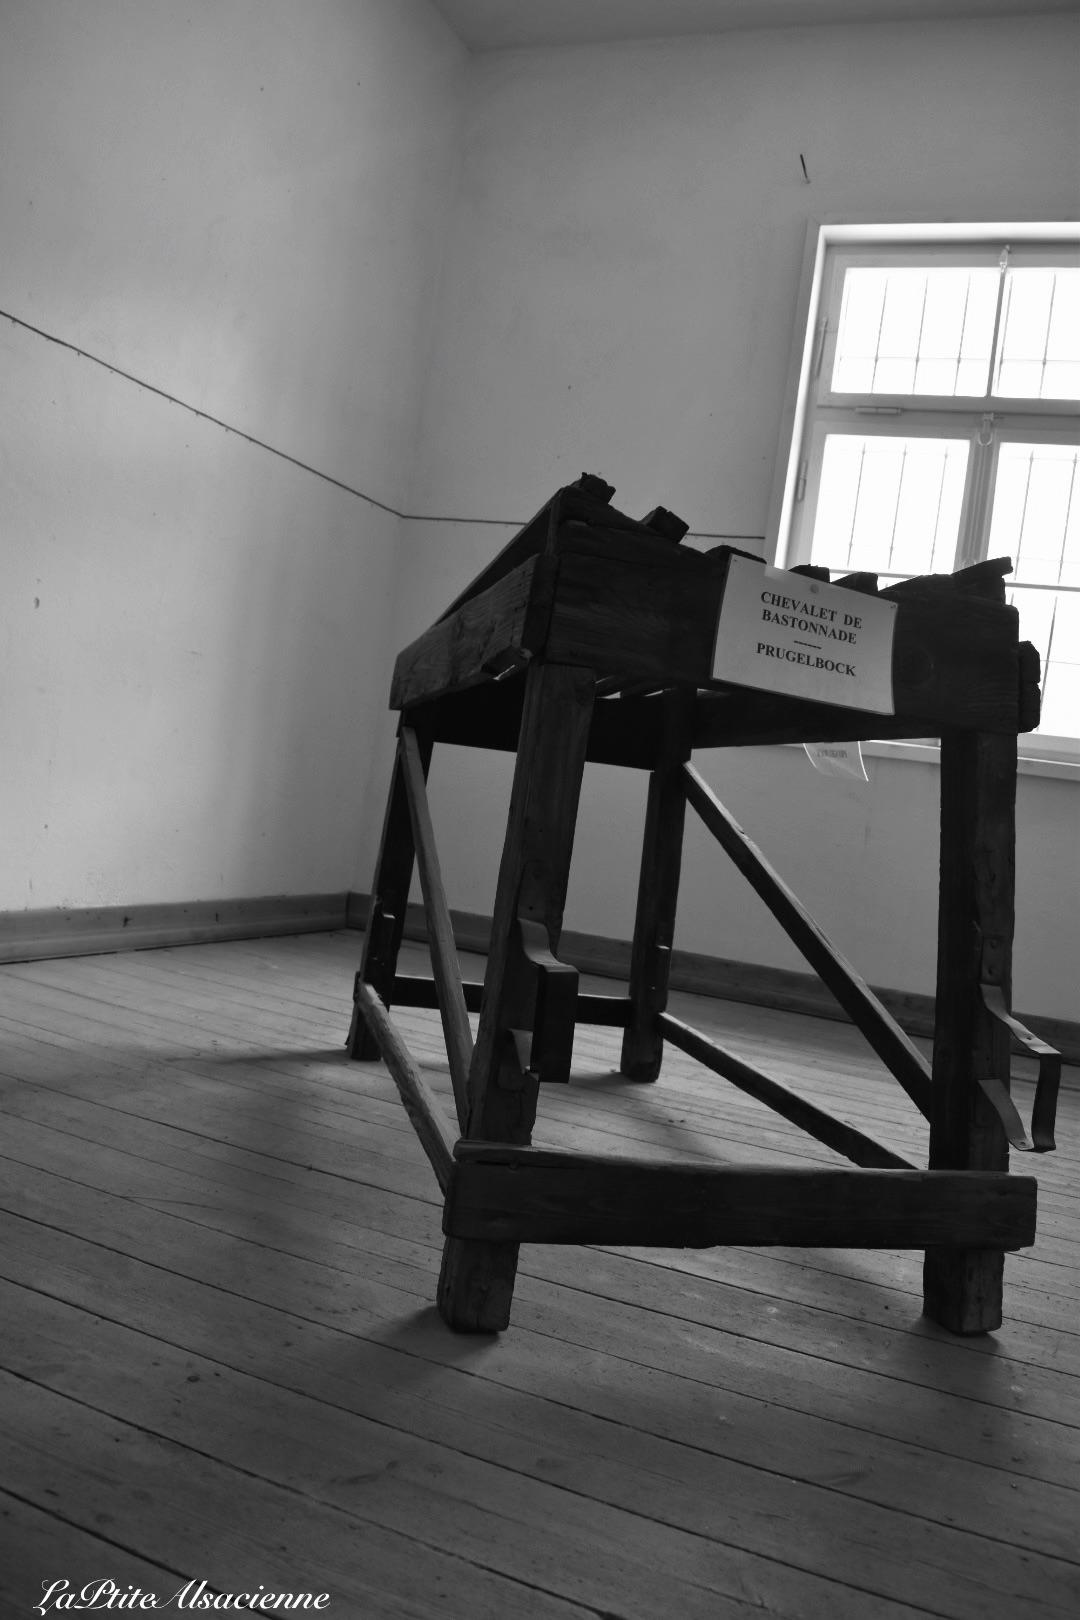 Chevalet de bastonnade au camp de concentration du struthof. Photo de Cendrine Miesch dite LaPtiteAlsacienne